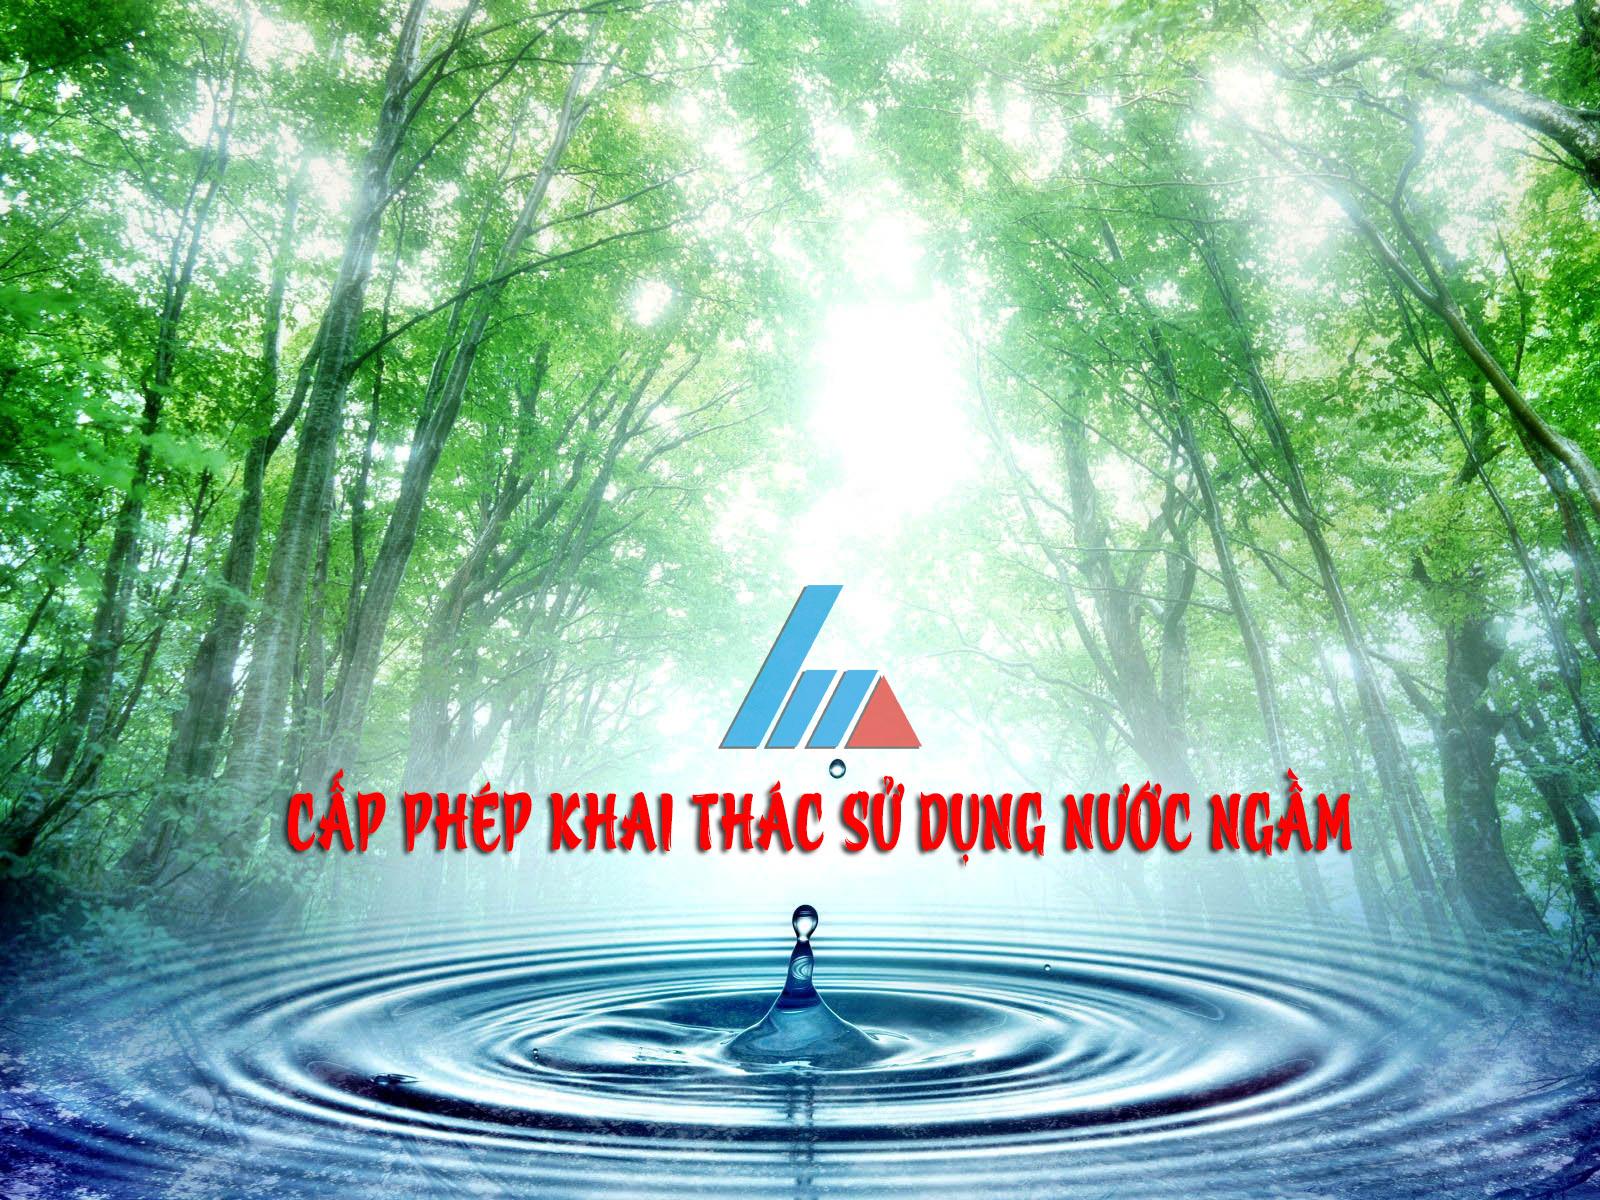 xin cấp giấy phép khai thác nước ngầm